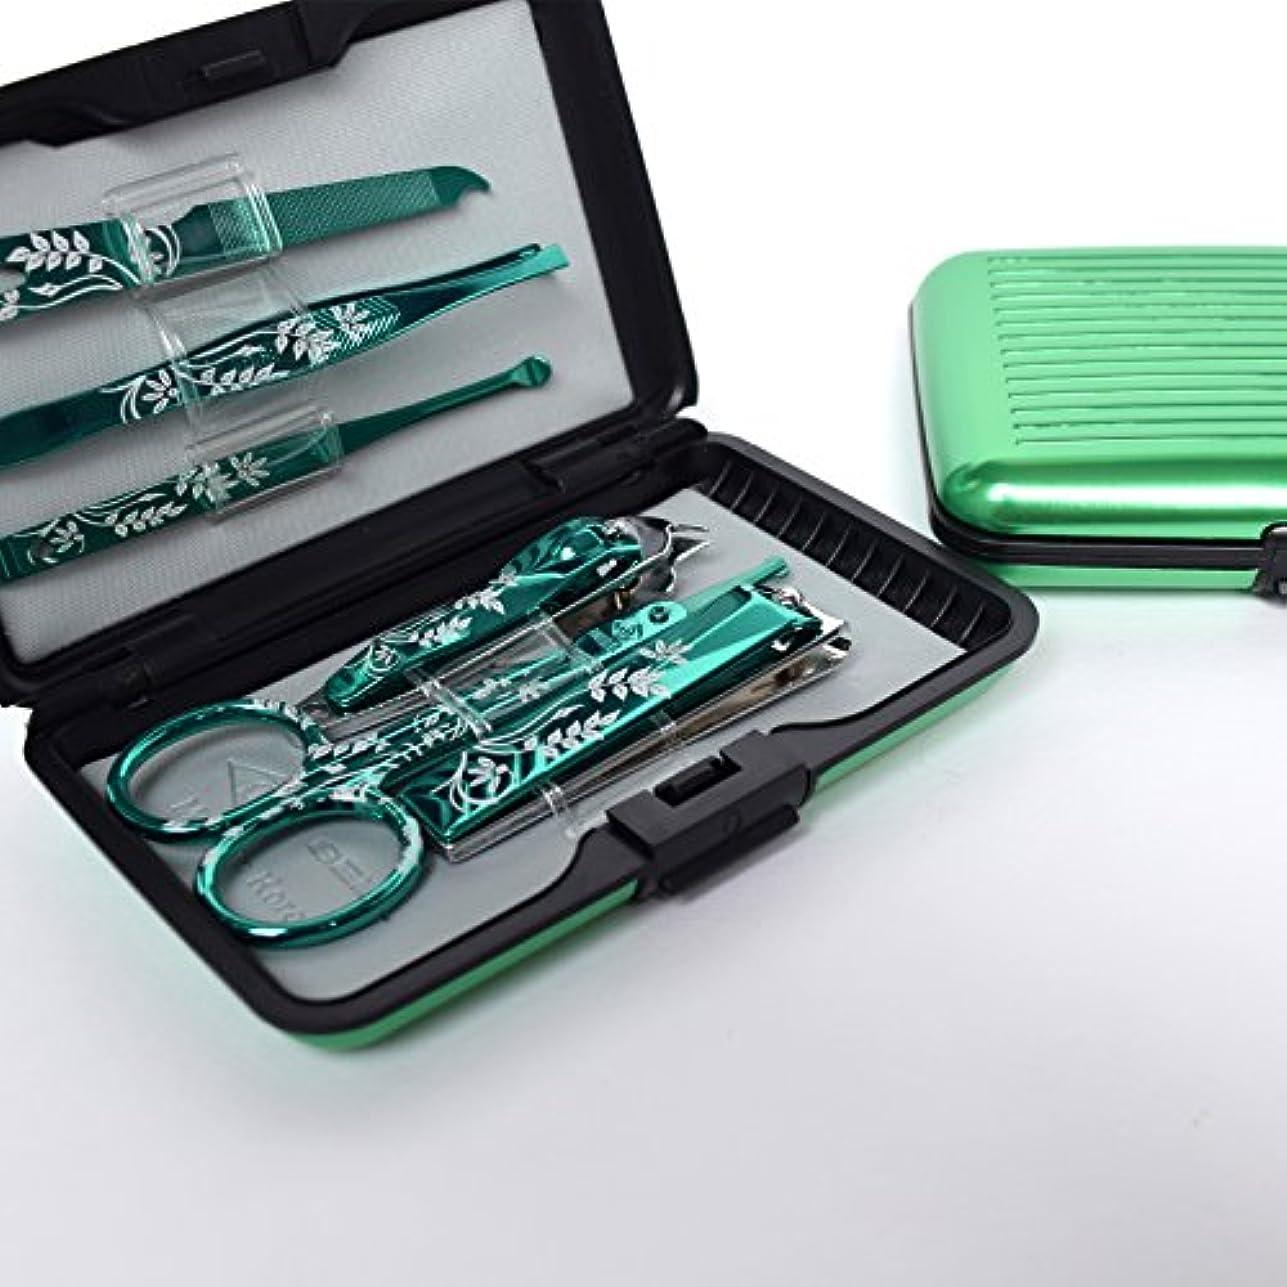 タンカー慣性港BELL Manicure Sets BM-800A ポータブル爪の管理セット 爪切りセット 高品質のネイルケアセット花モチーフのイラストデザイン Portable Nail Clippers Nail Care Set